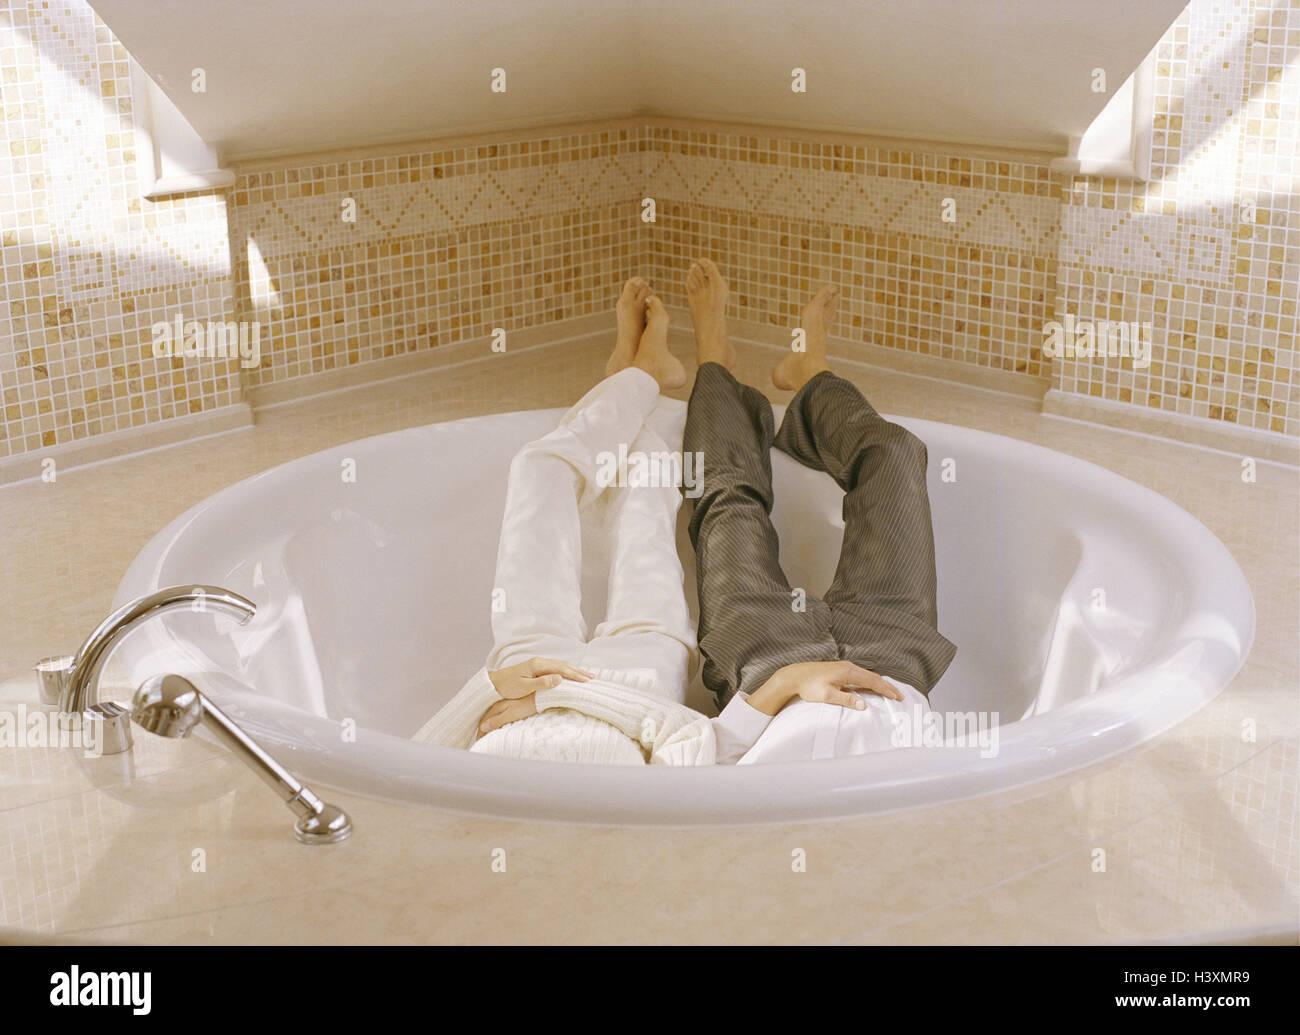 Sala Da Bagno Lusso : Sala da bagno vasca intorno giovane abiti ricreazione bagno